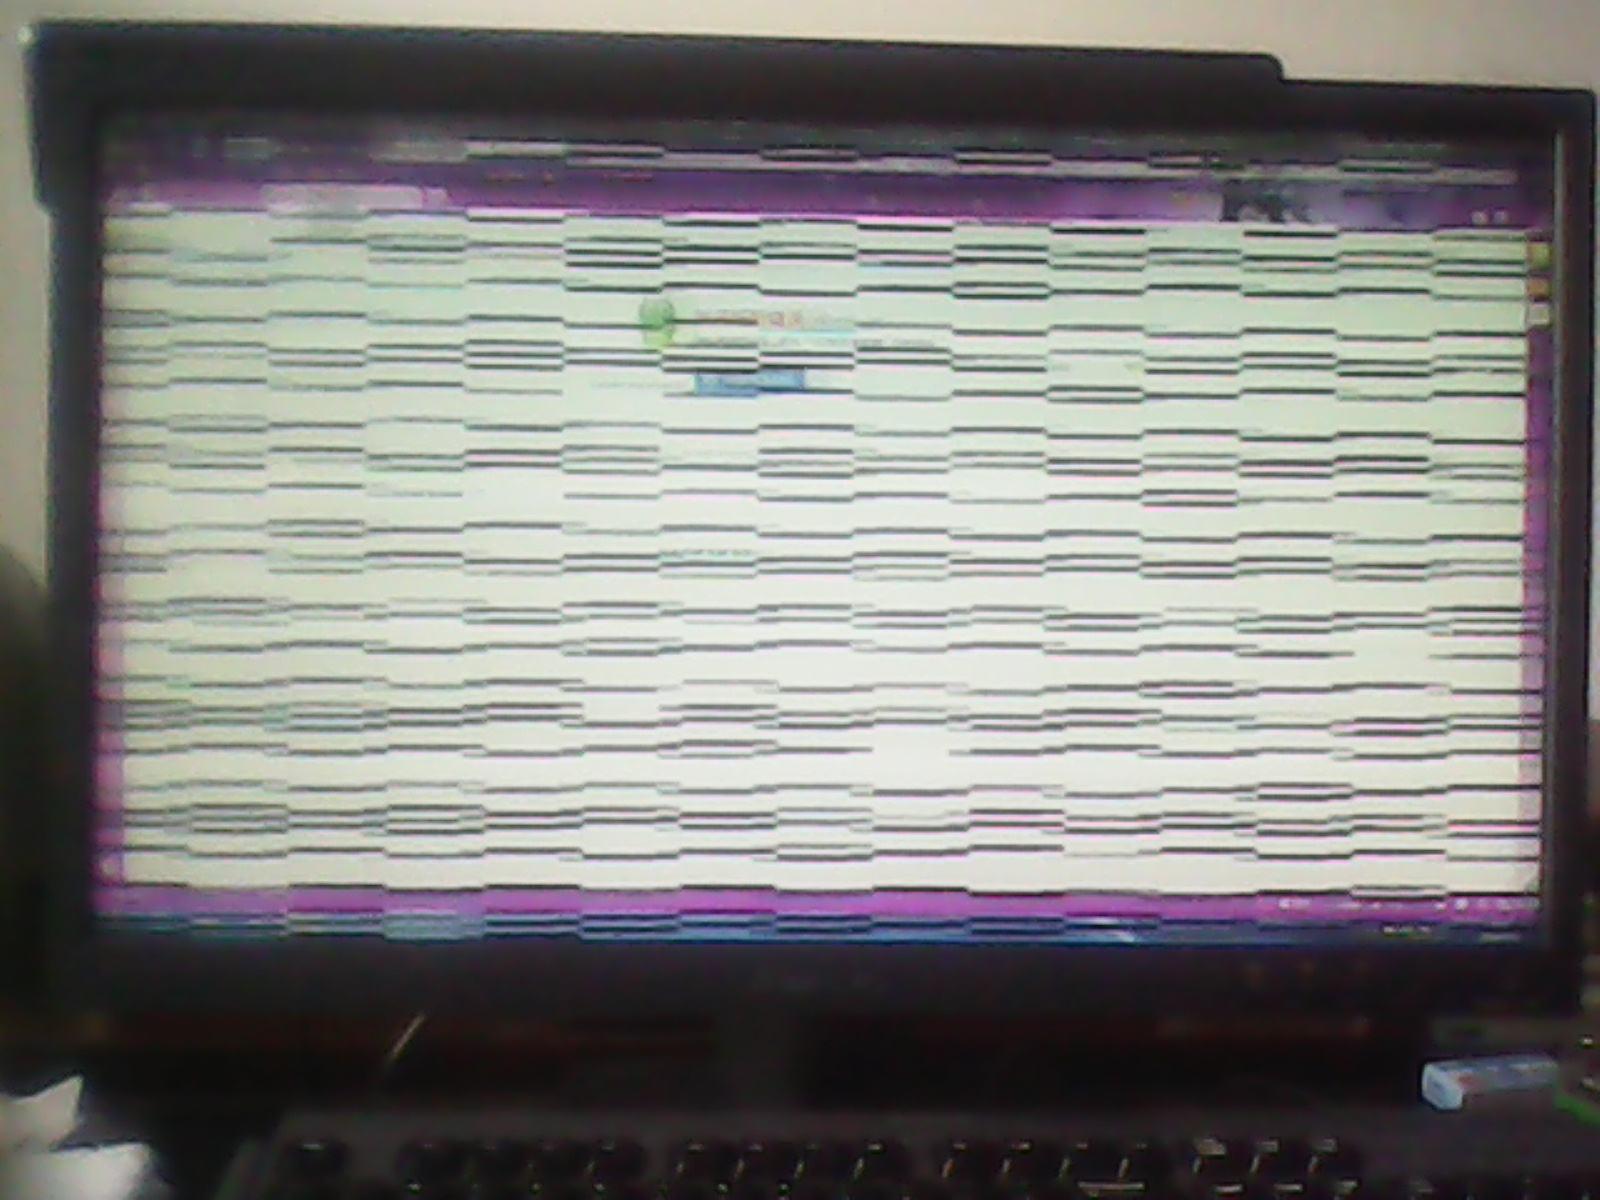 笔记本花屏怎么办?笔记本屏幕出现条纹的处理方法